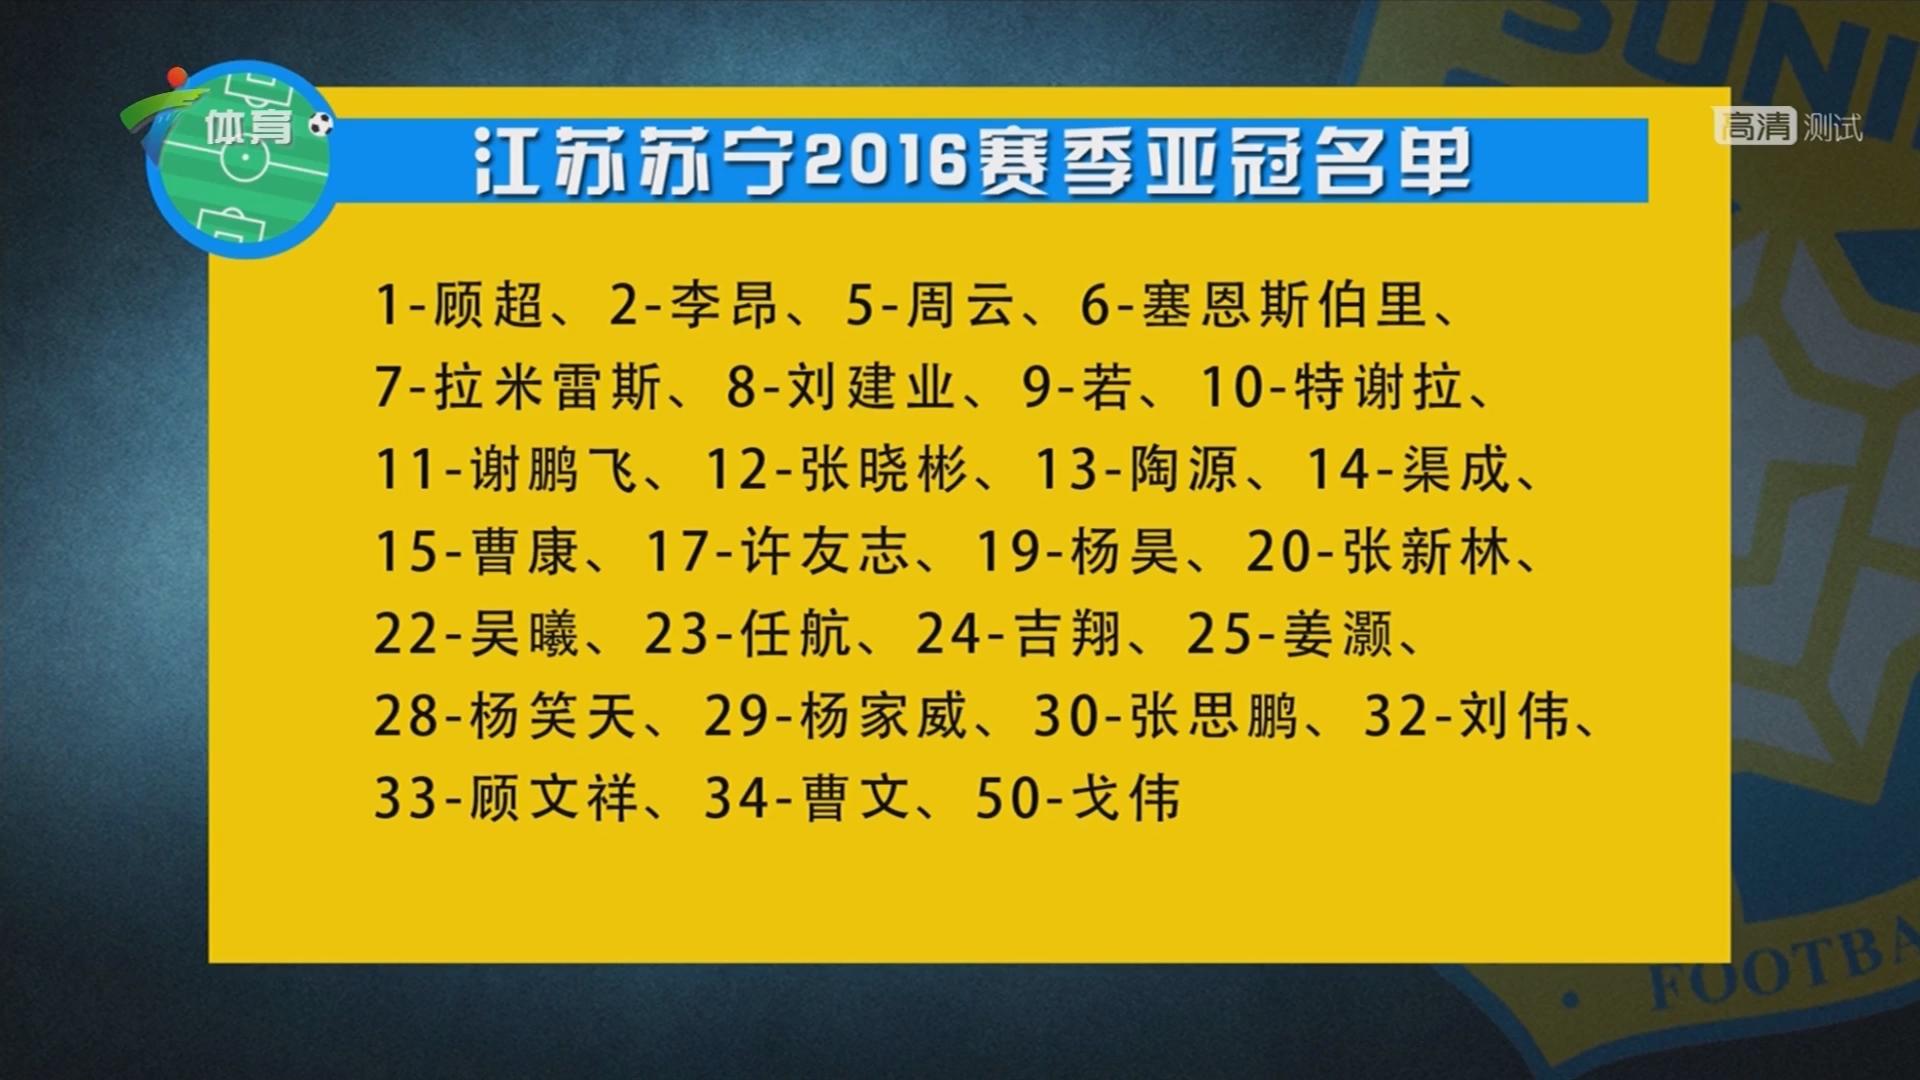 江苏苏宁2016赛季亚冠名单